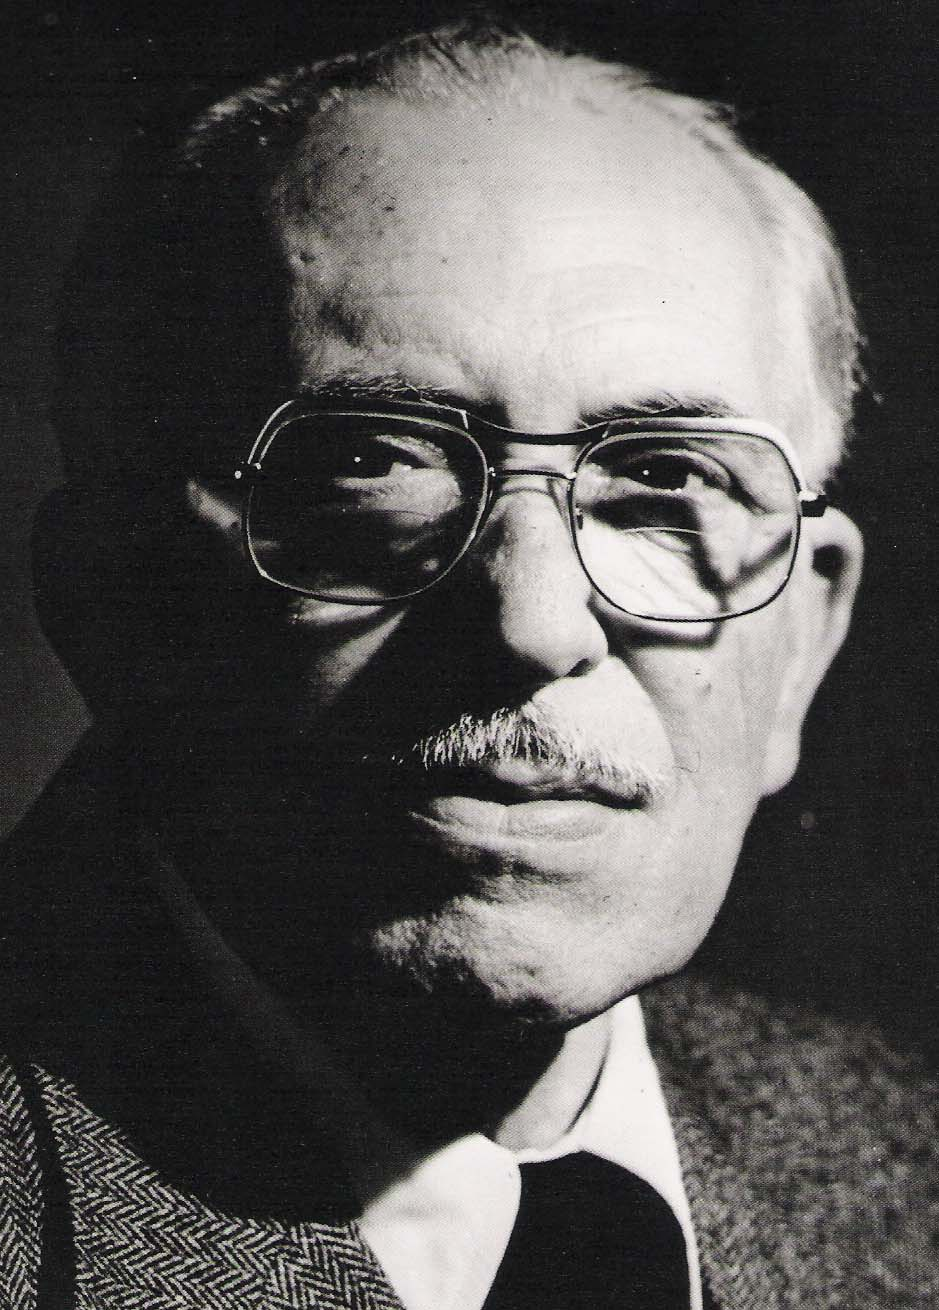 El reconocido fotógrafo pero desconocido falsificadorAgustí Centelles.